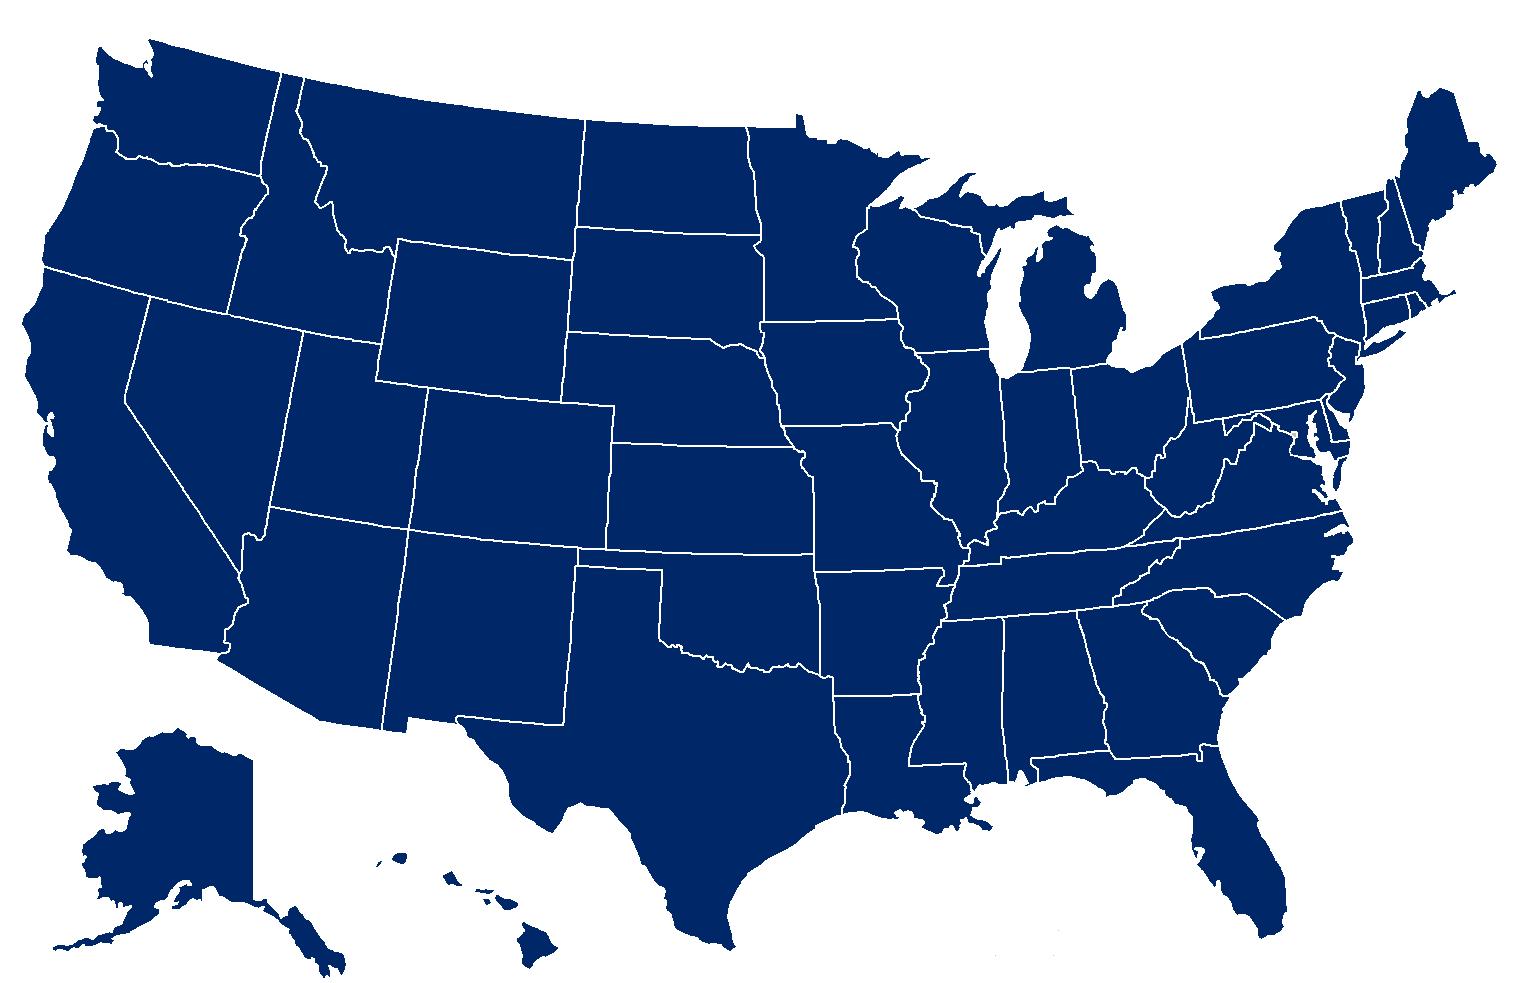 USA-states.png